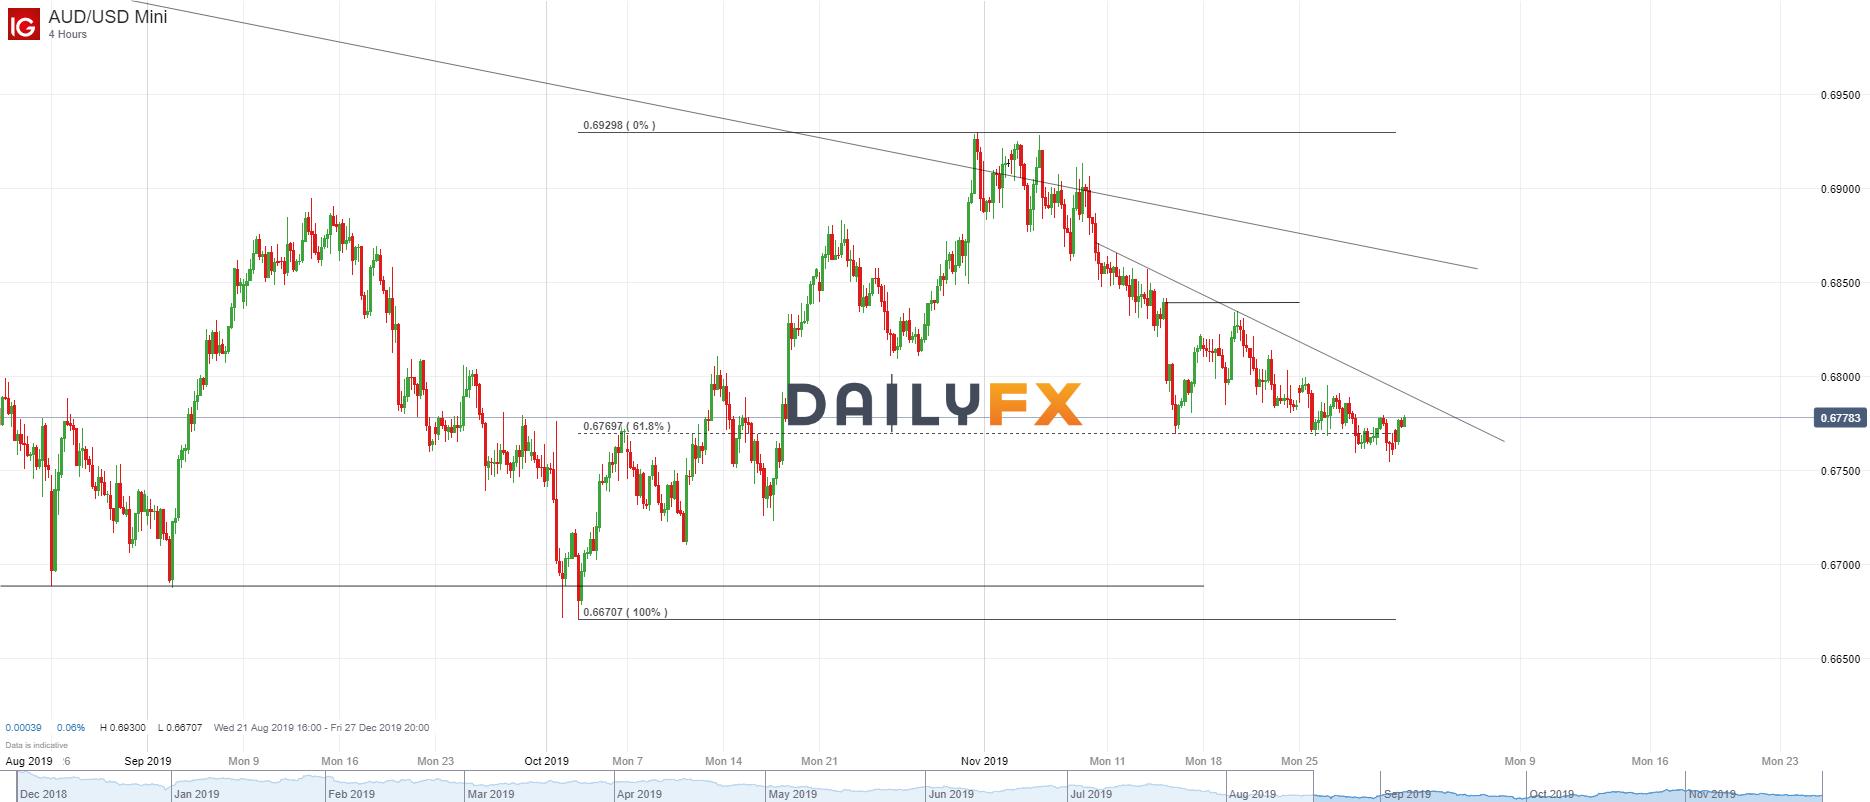 澳元/美元技術分析:4小時圖關注自11月11日開始的壓力線